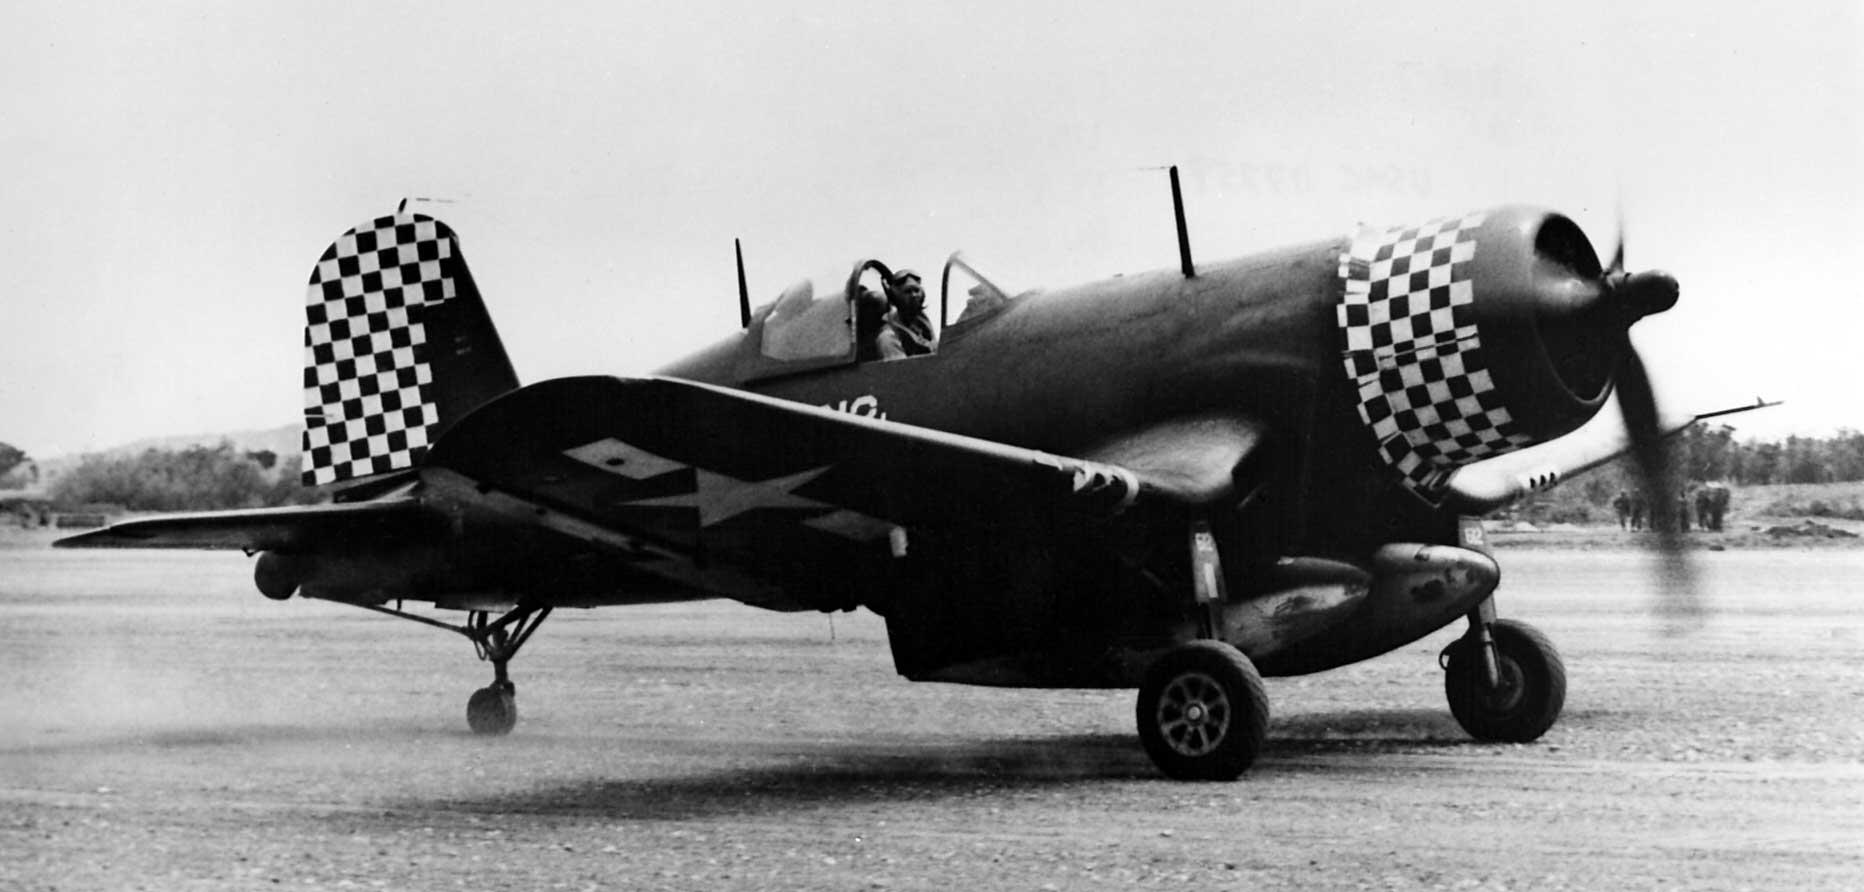 """Corsair z VMF-312 """"Checkerboards"""", noszący charakterystyczną dla tego dywizjonu szachownicę na osłonie silnika i sterze kierunku; Kadena, kwiecień 1945 r."""